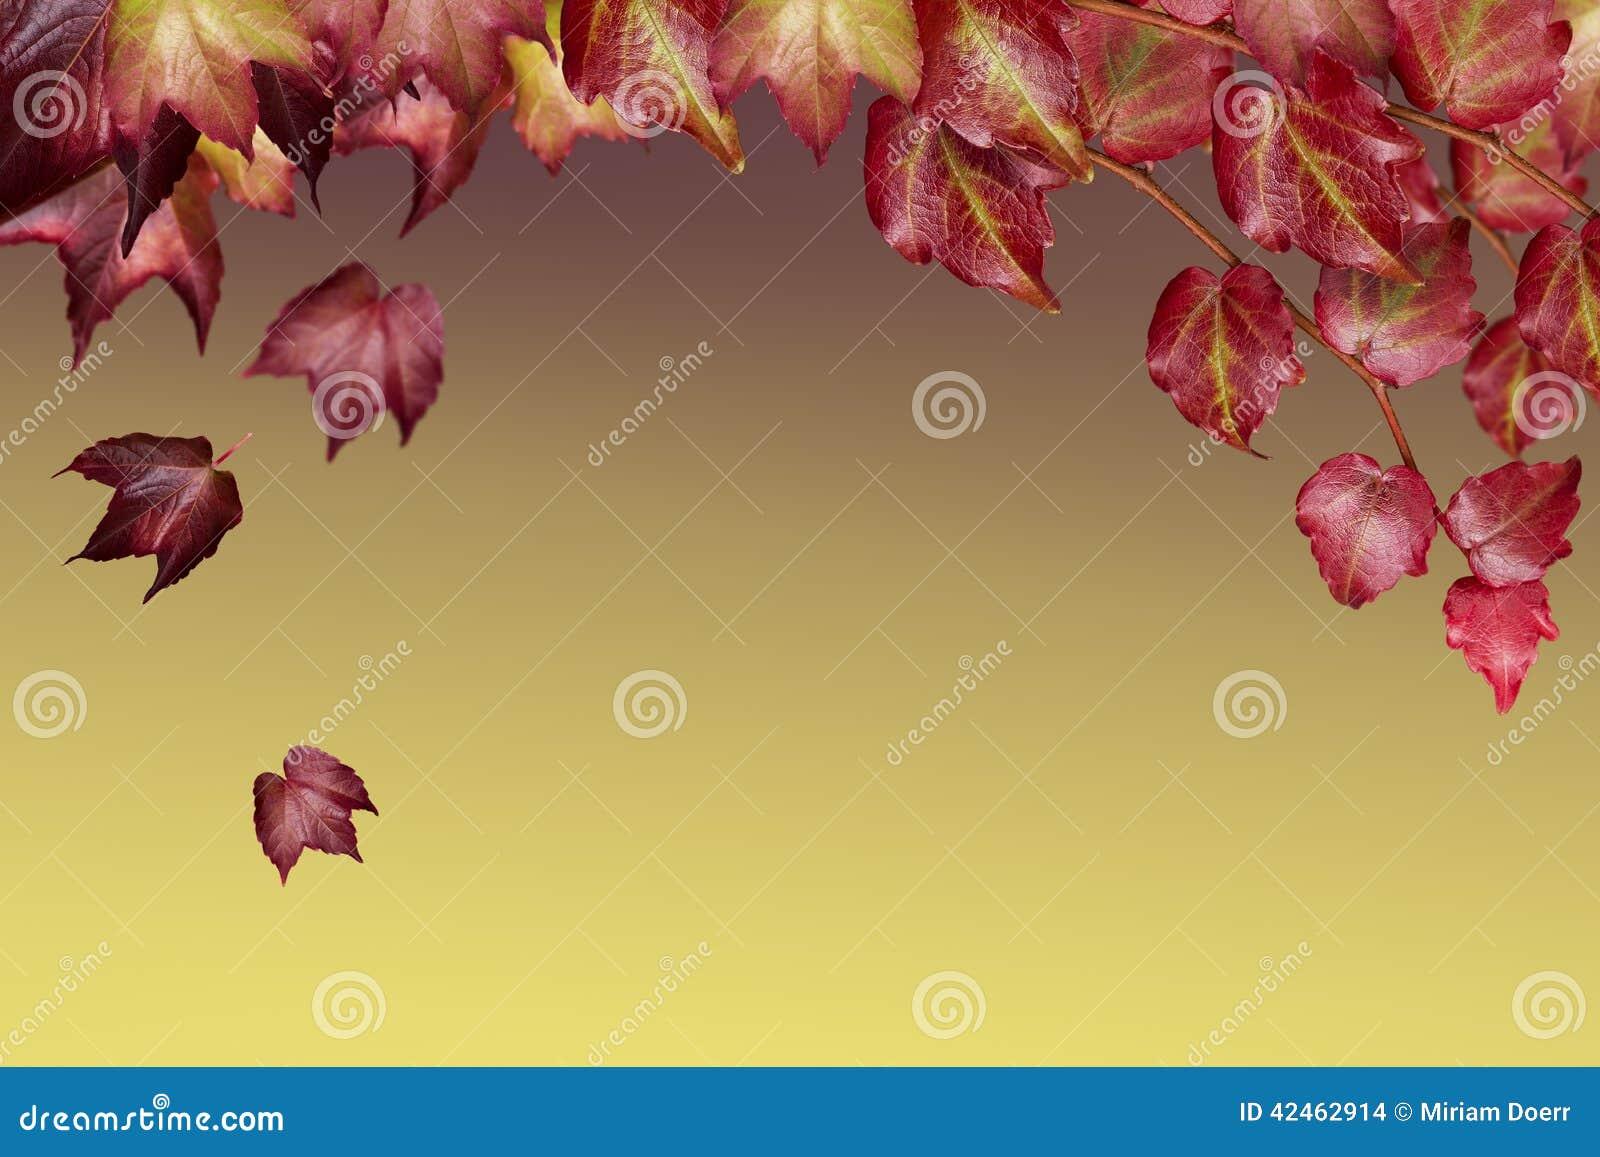 Romantischer Hintergrund mit Blättern